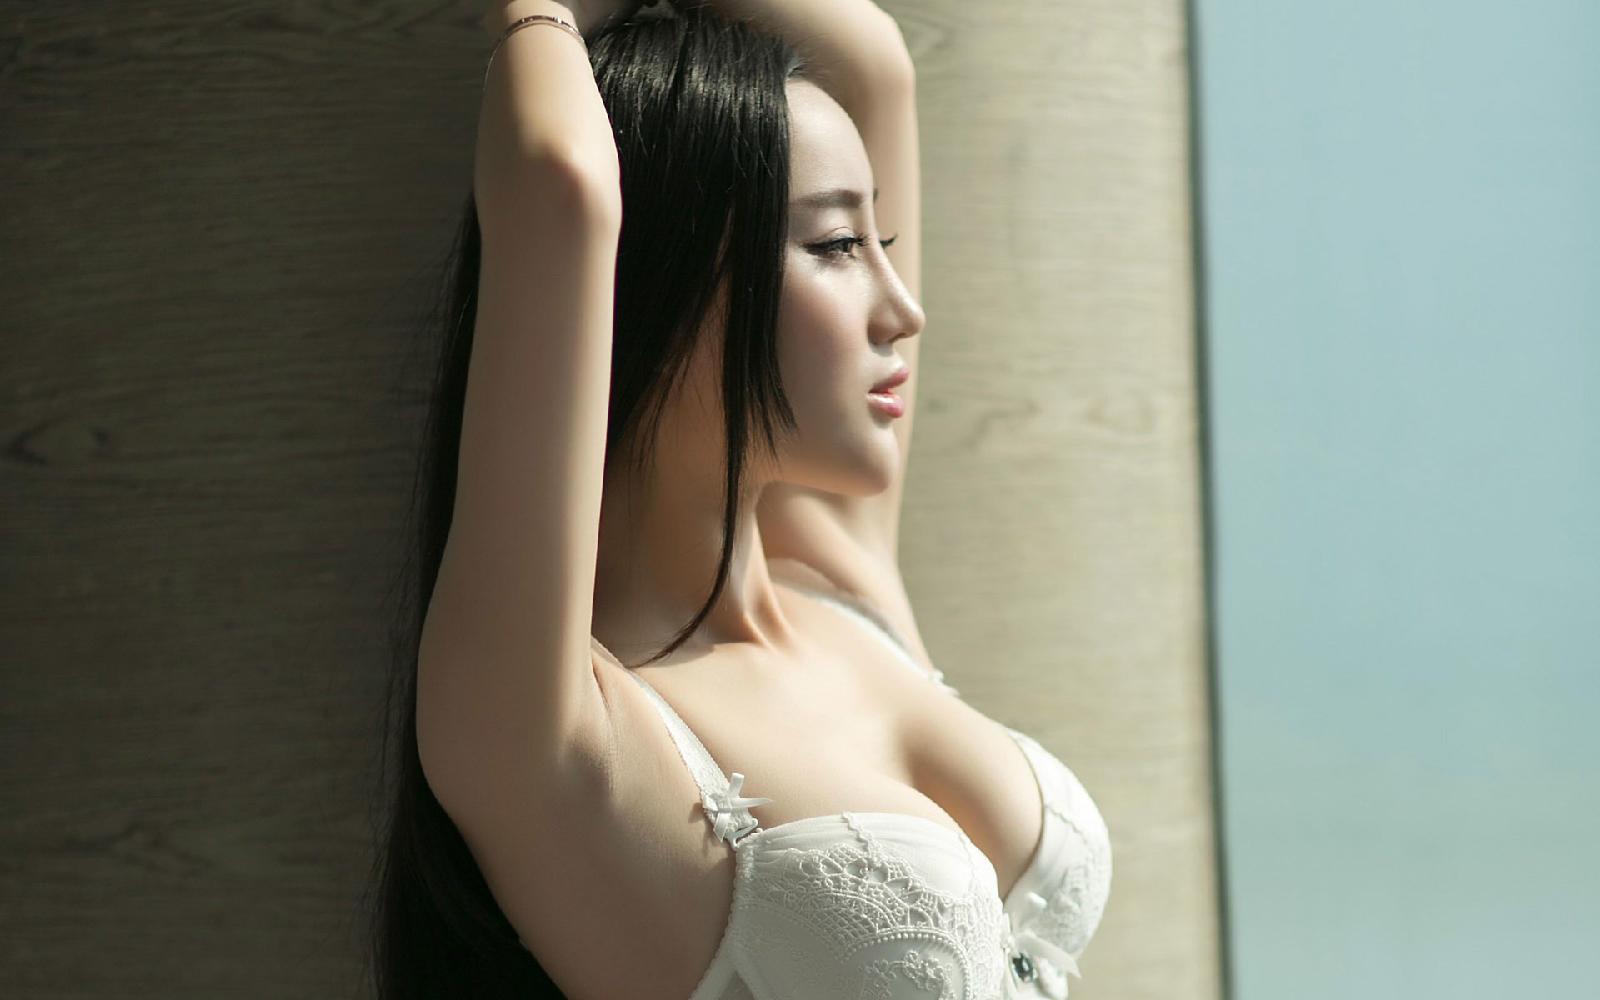 品美女性感清纯美女张婉馨写真